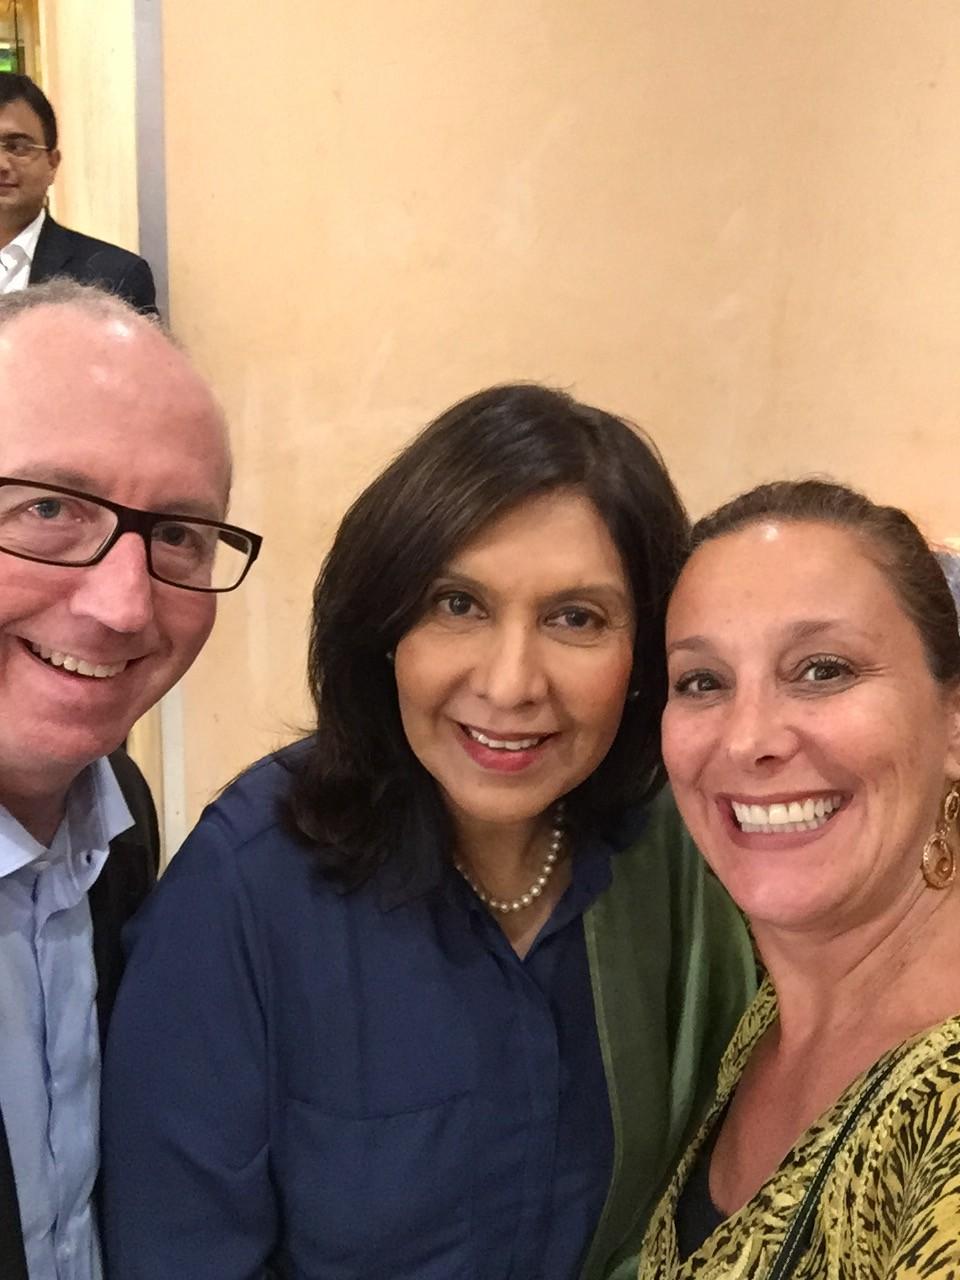 Mark, Geeta & me